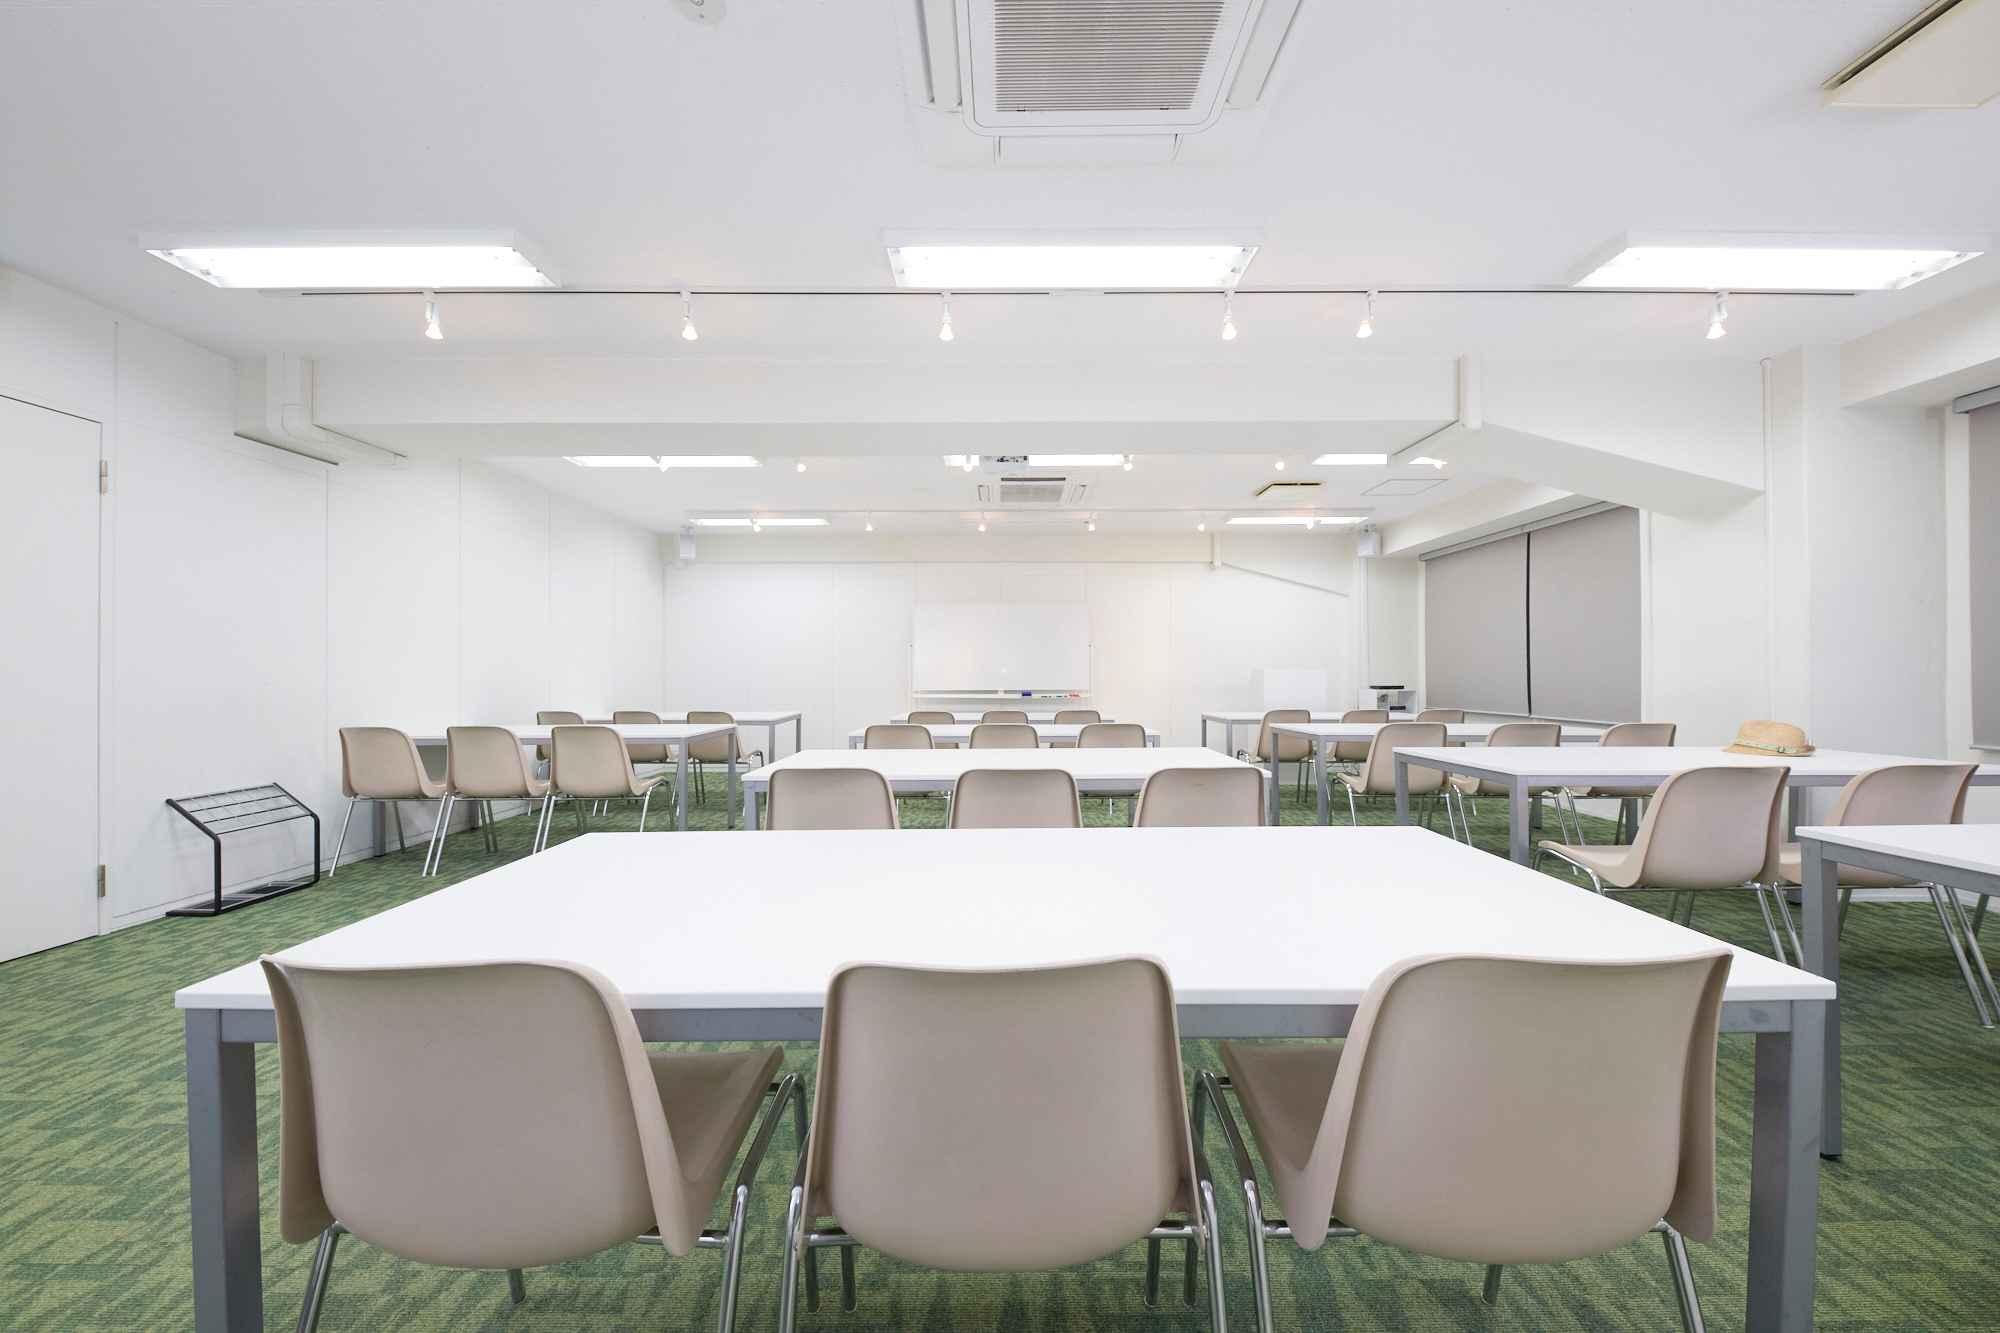 コストパフォーマンス◎みんなの会議室渋谷宮益坂3Aを取材しました!|TIME SHARING|タイムシェアリング|スペースマネジメント|あどばる|adval|SHARING